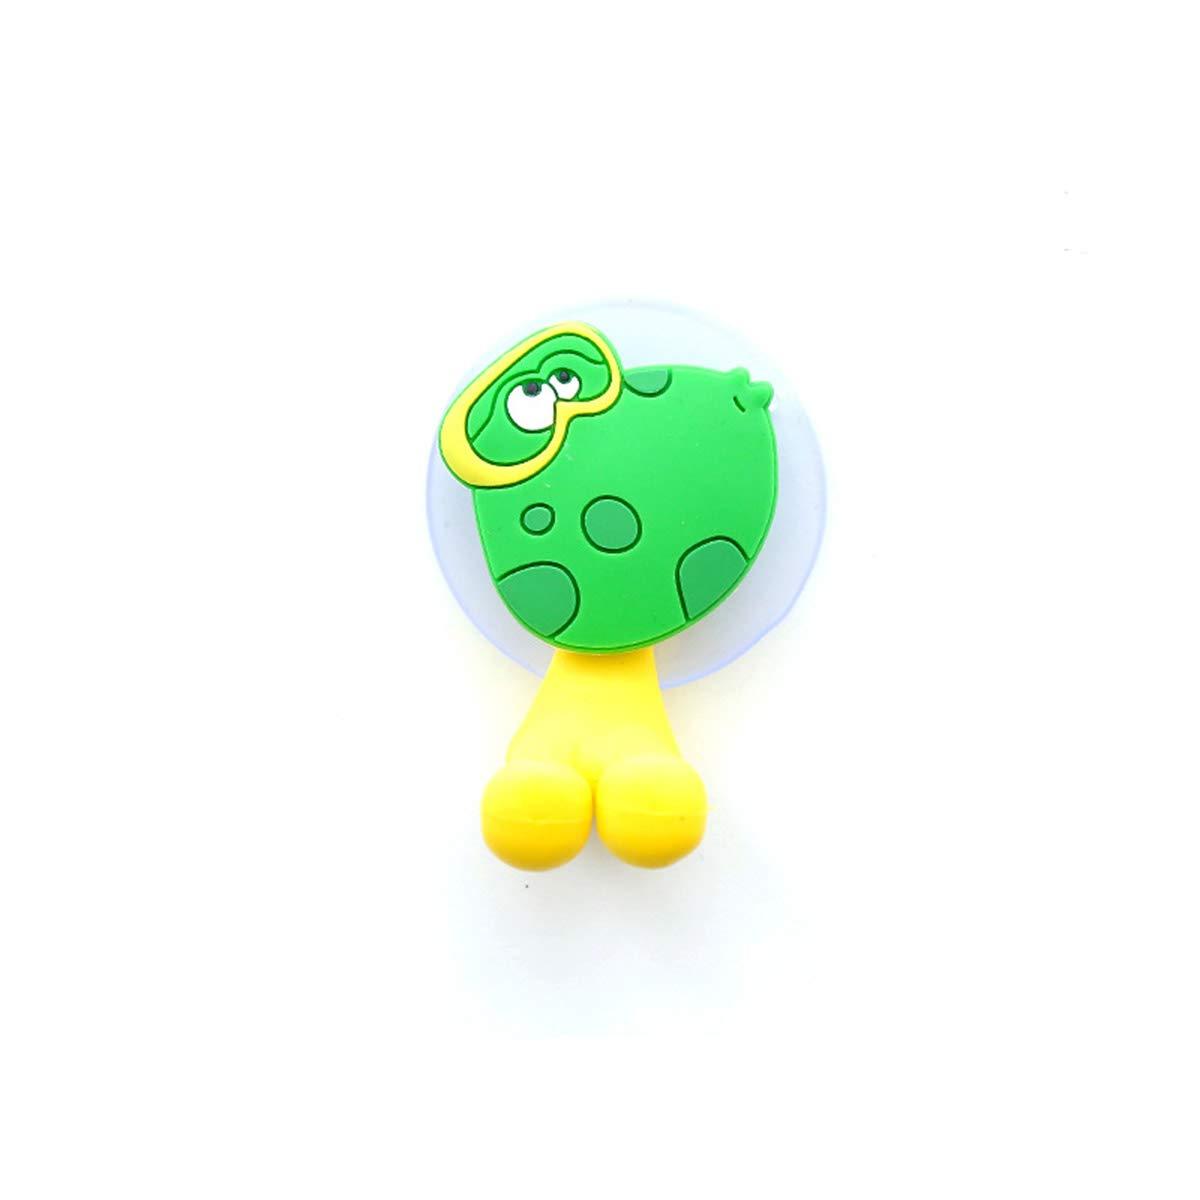 Godea Bonito Soporte para cepillos de Dientes con Ventosa para baño, Pared, Cara Sonriente, Emoji, decoración del hogar: Amazon.es: Hogar